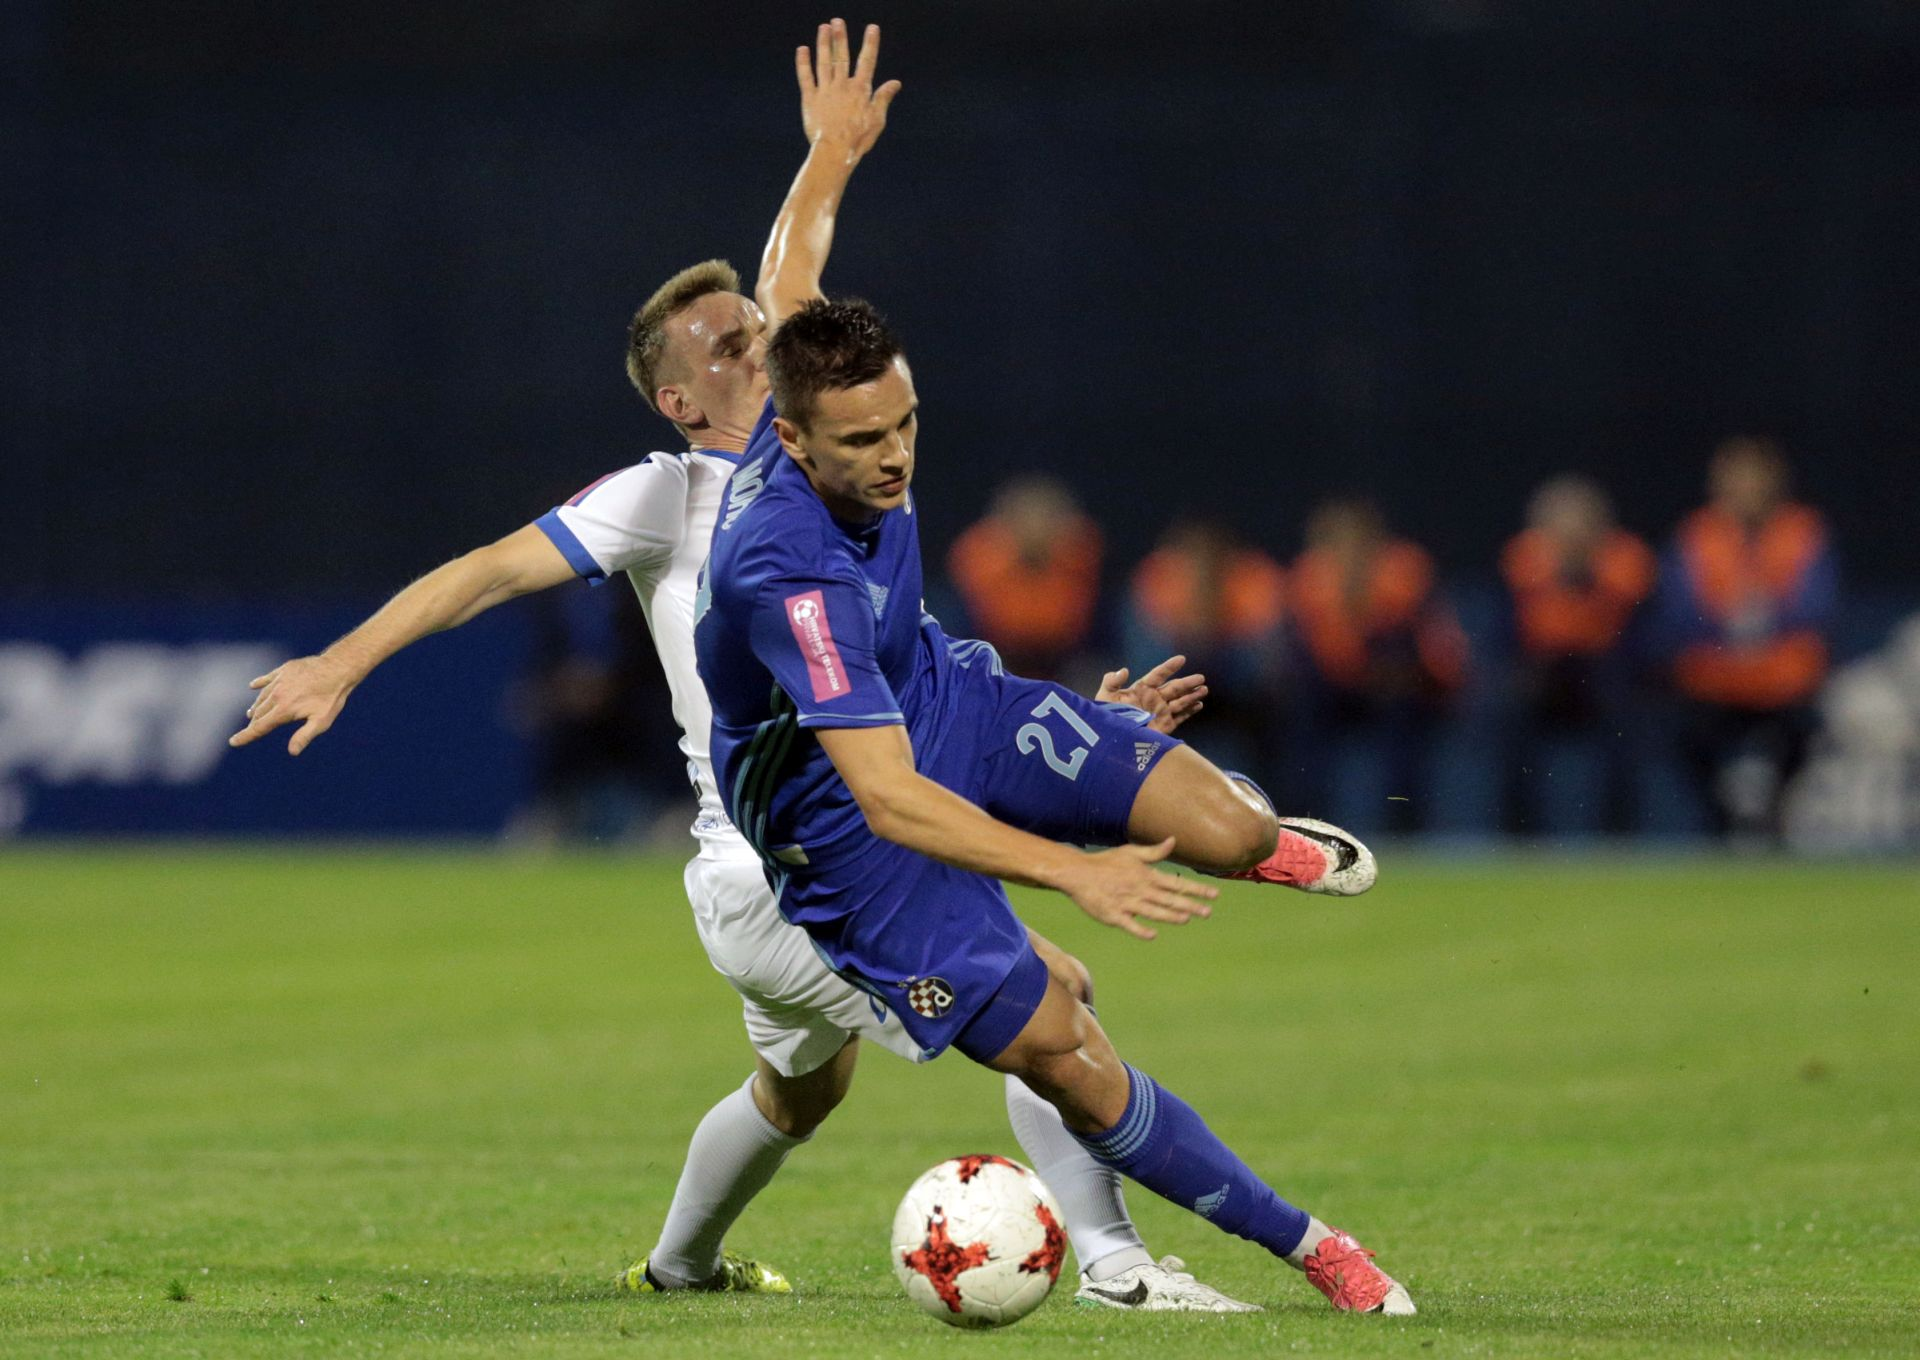 VRATIO SE ADEMI Dinamo jedva iščupao domaći bod protiv nikad boljeg Osijeka